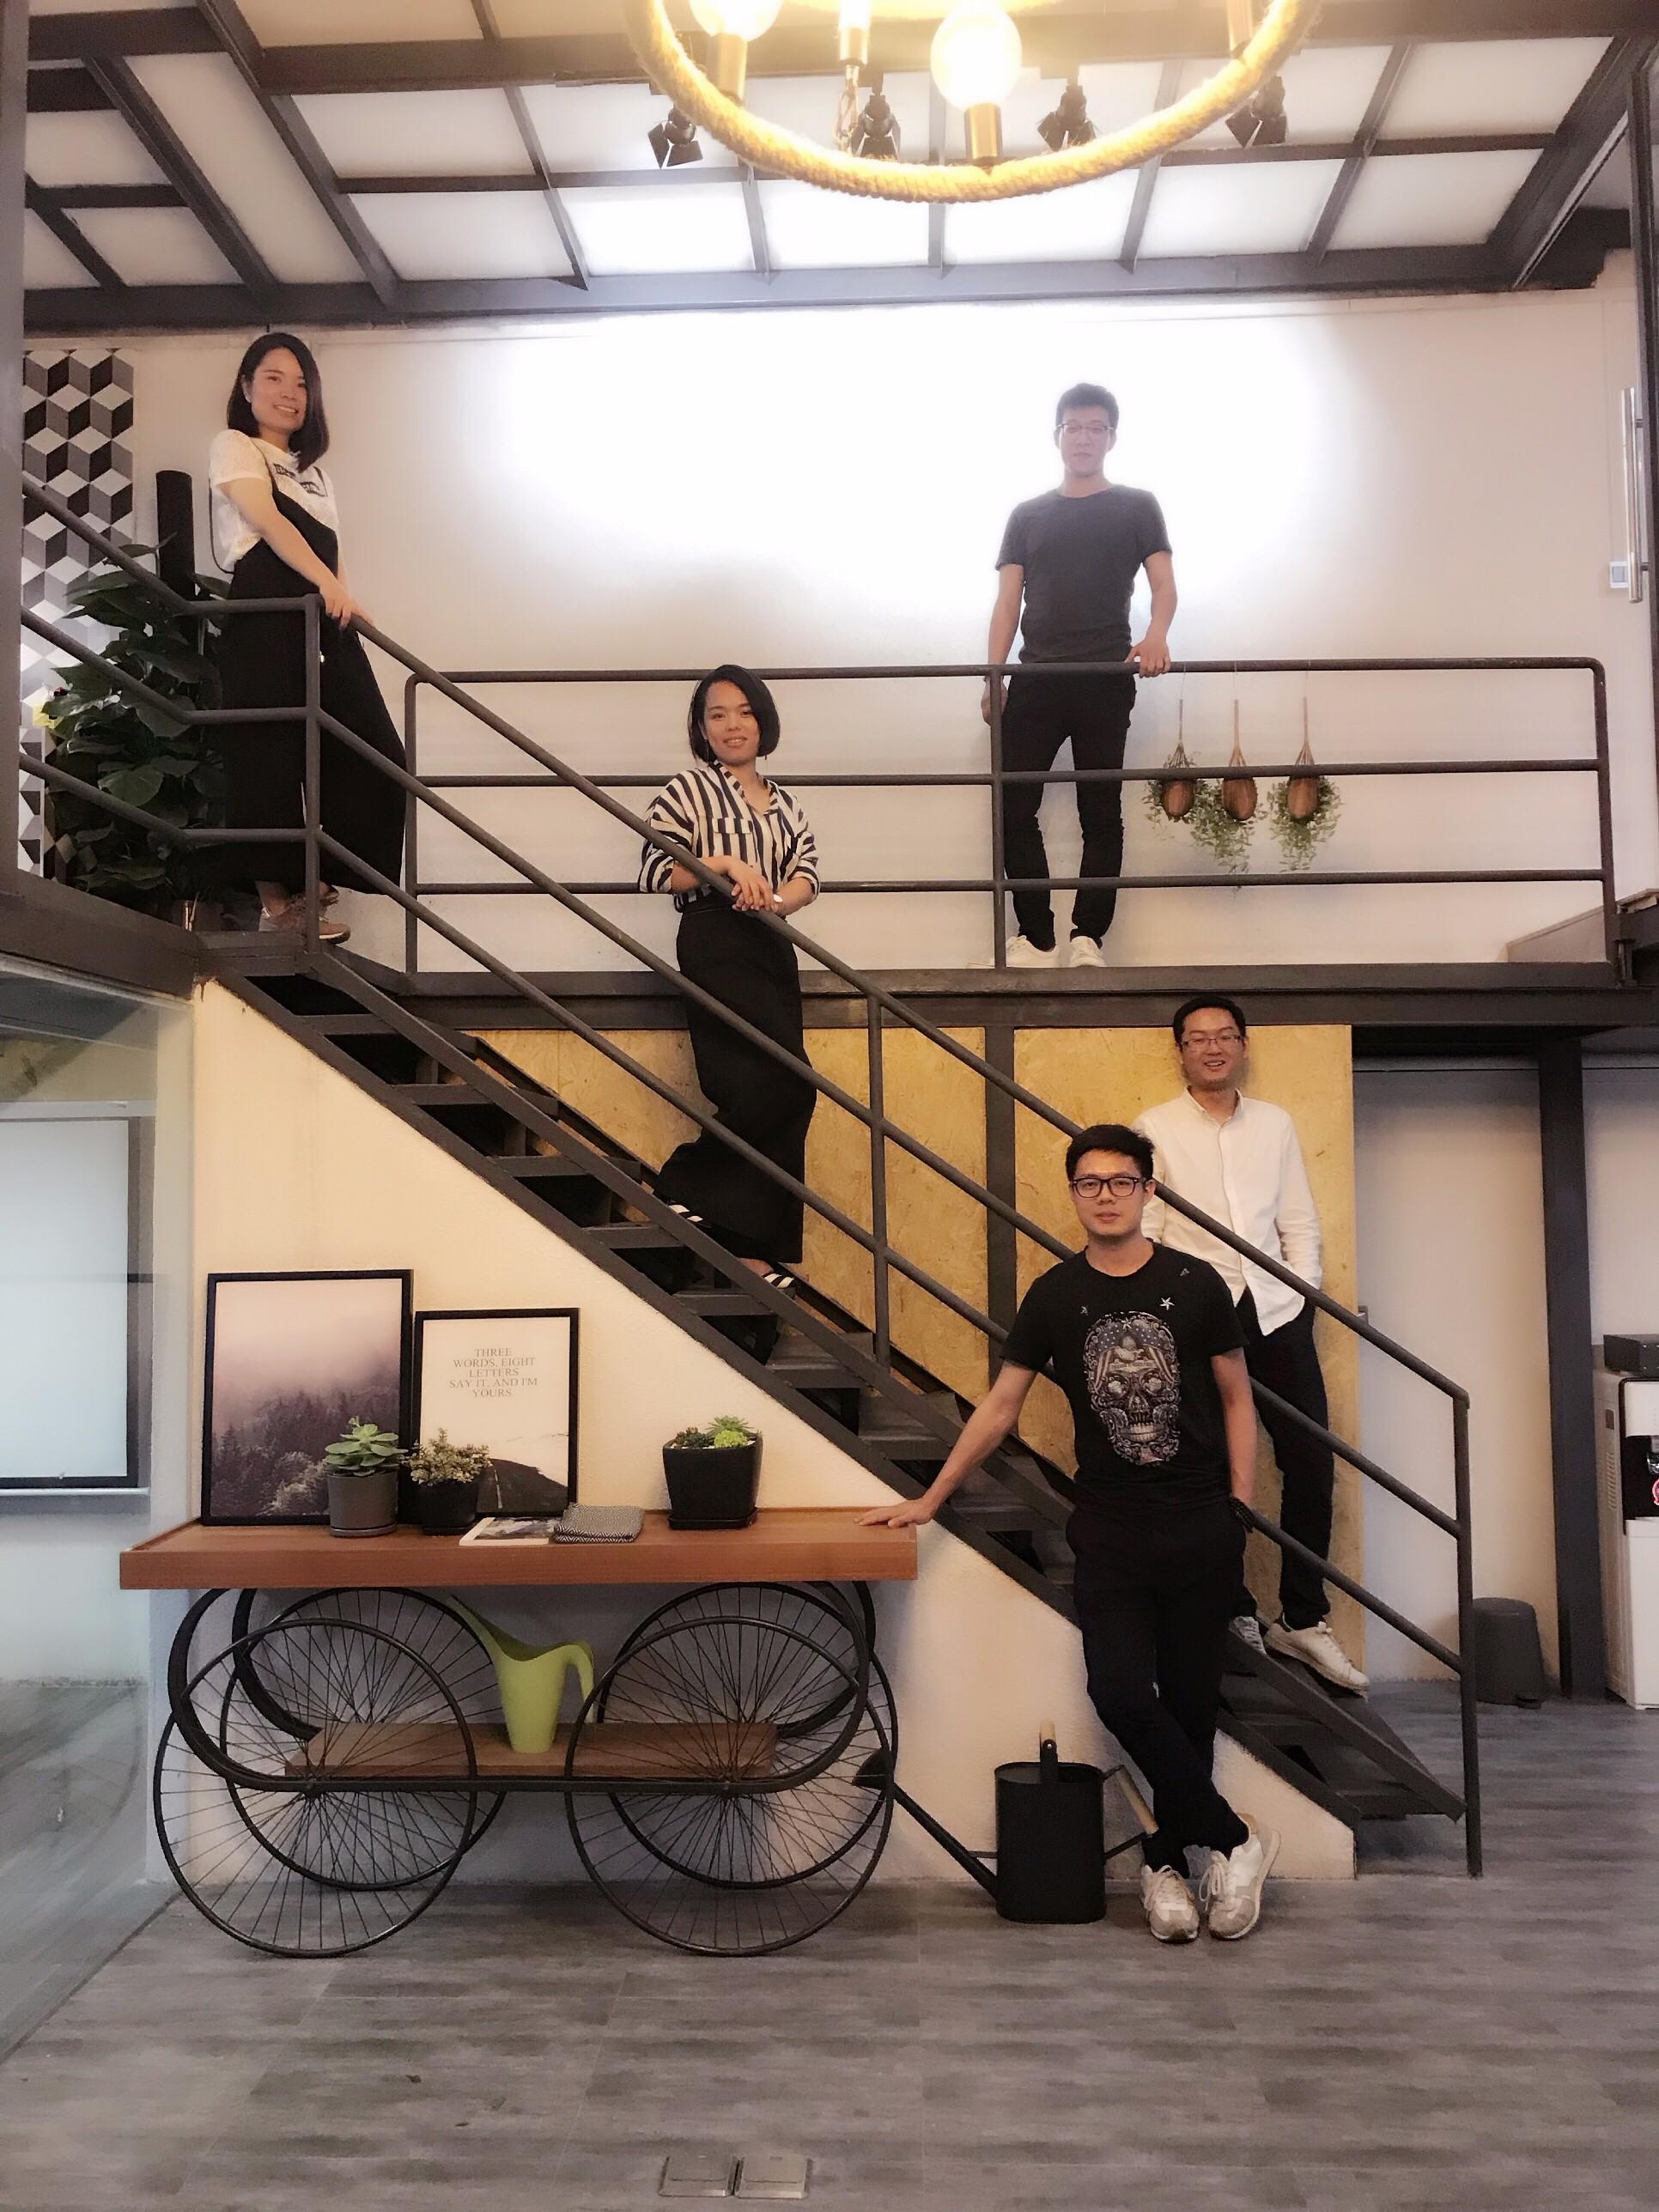 星坊60|星坊创意园|星坊60创意产业园|广州创意园|文化创意园|创意产业园